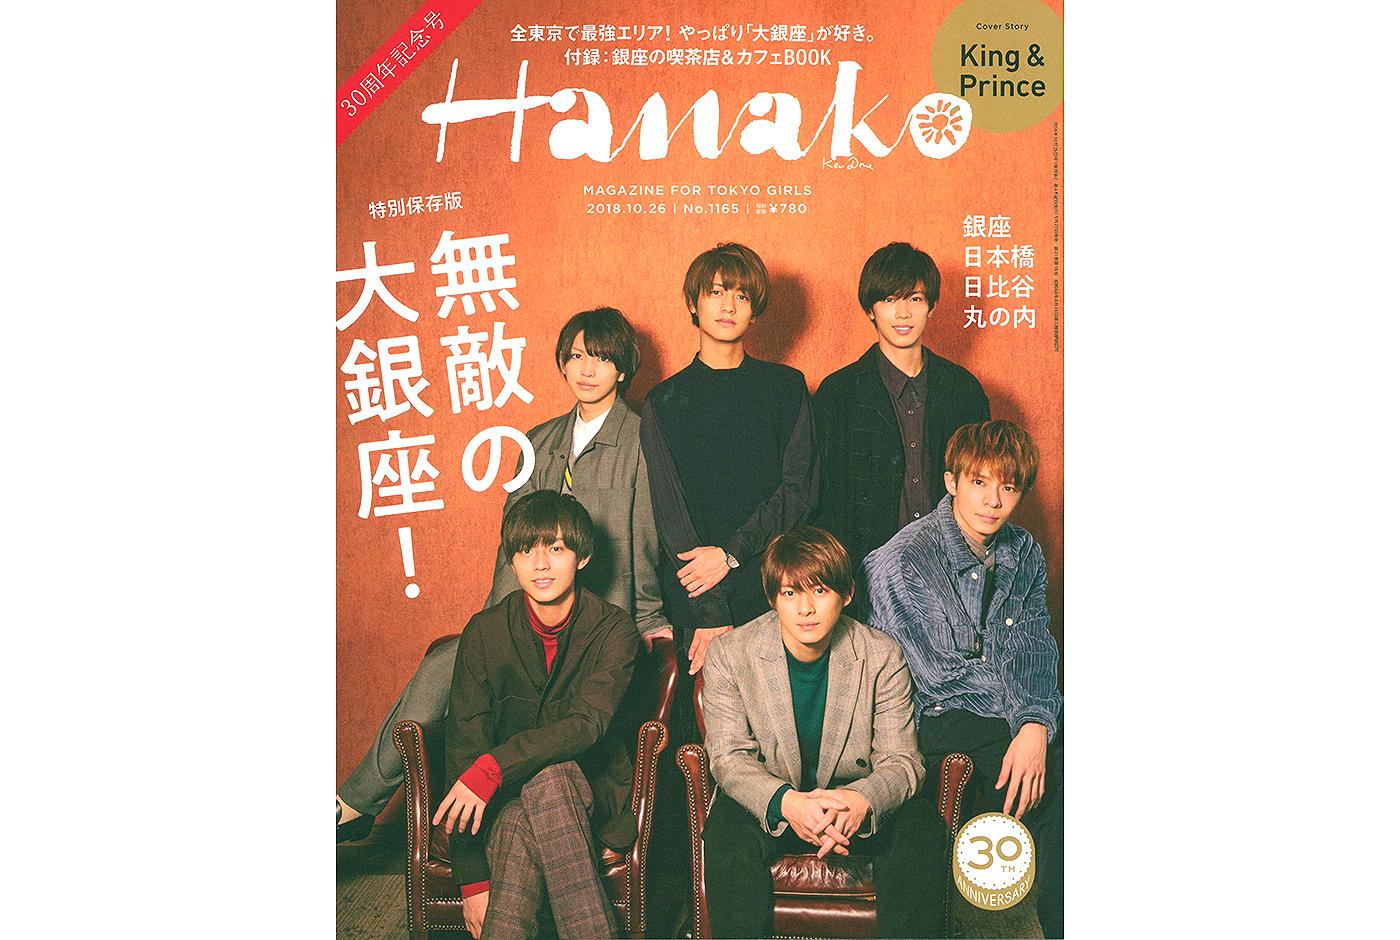 『Hanako』に銀座校掲載